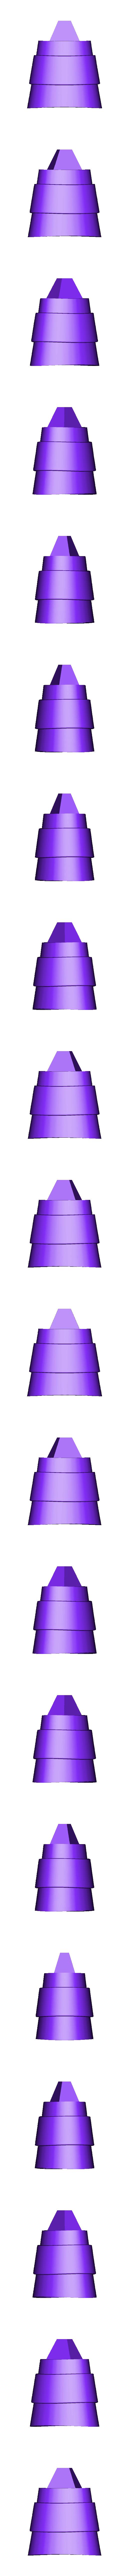 Blue_Nana_-_Body.stl Télécharger fichier STL gratuit Super Nana Totem • Design imprimable en 3D, BODY3D